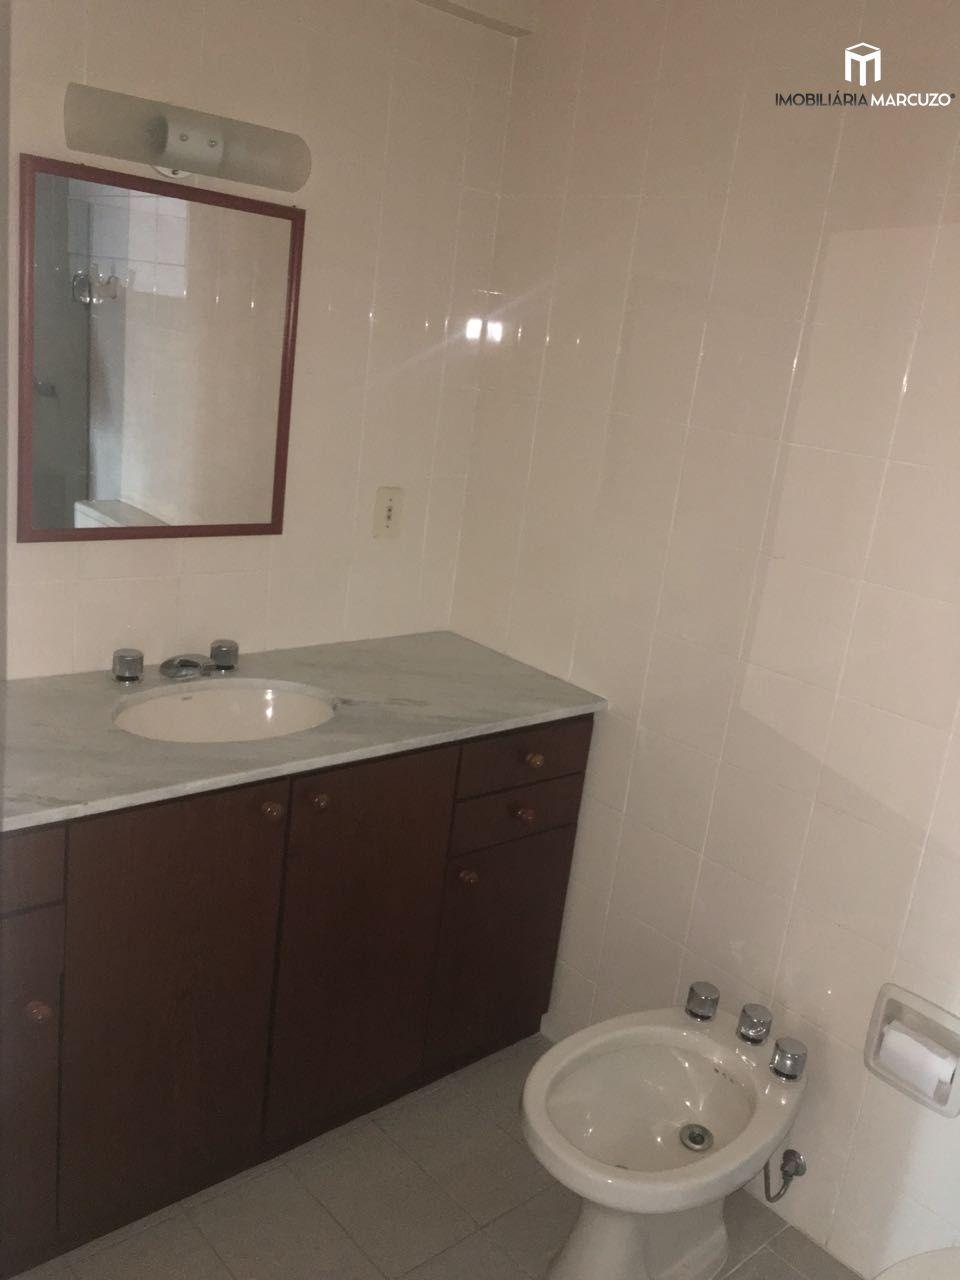 Apartamento com 2 Dormitórios à venda, 112 m² por R$ 400.000,00